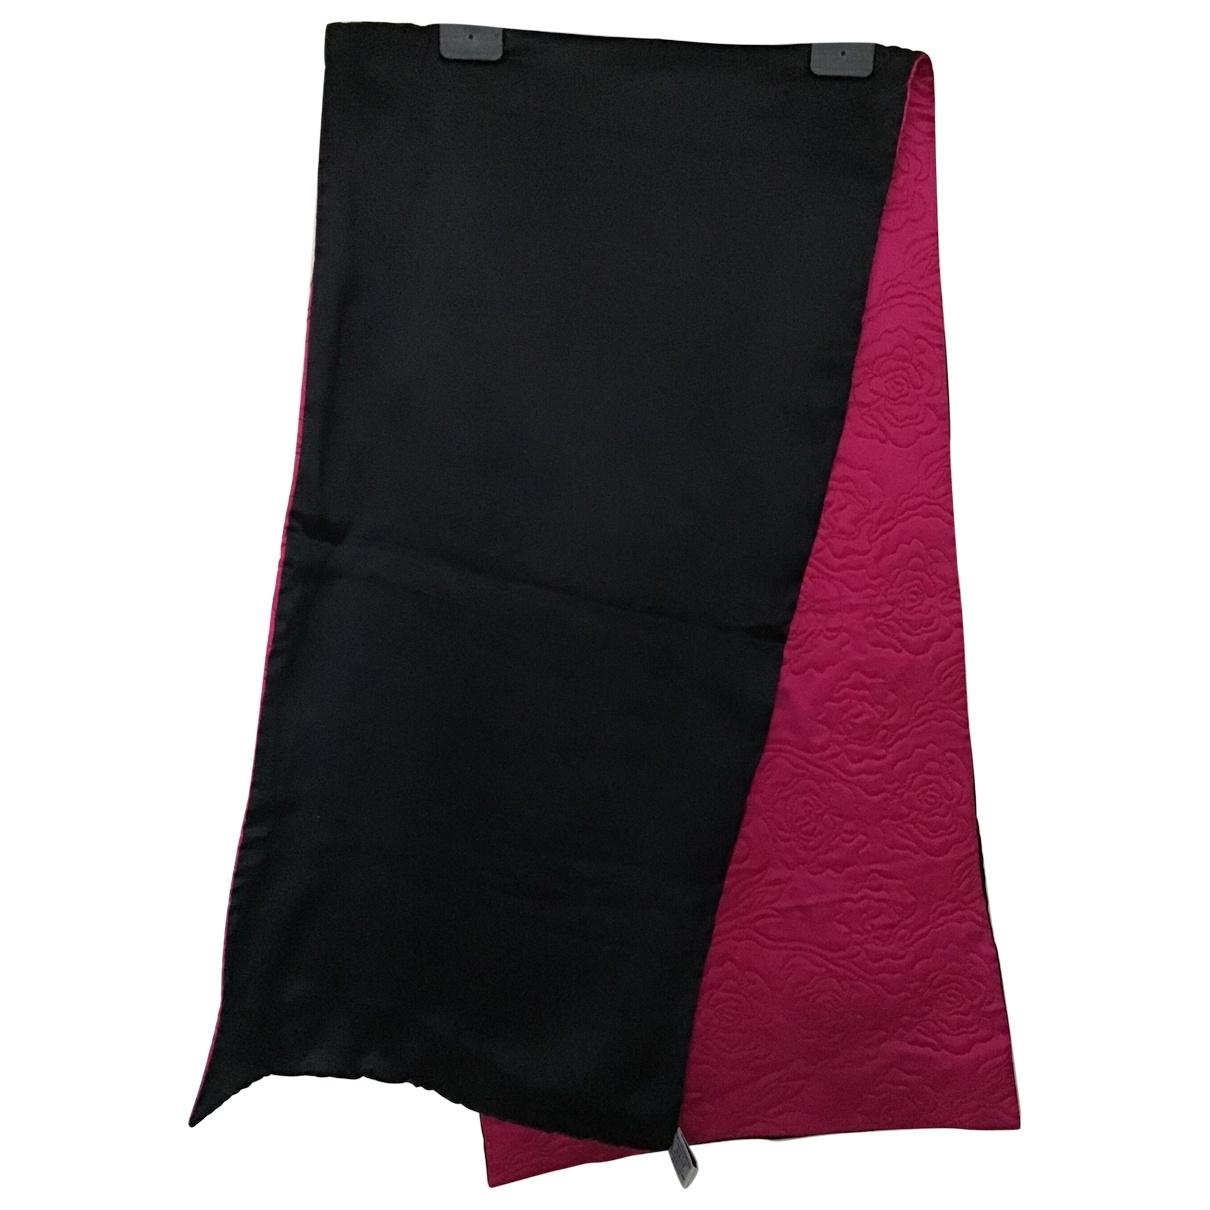 Yves Saint Laurent - Foulard   pour femme en soie - rose